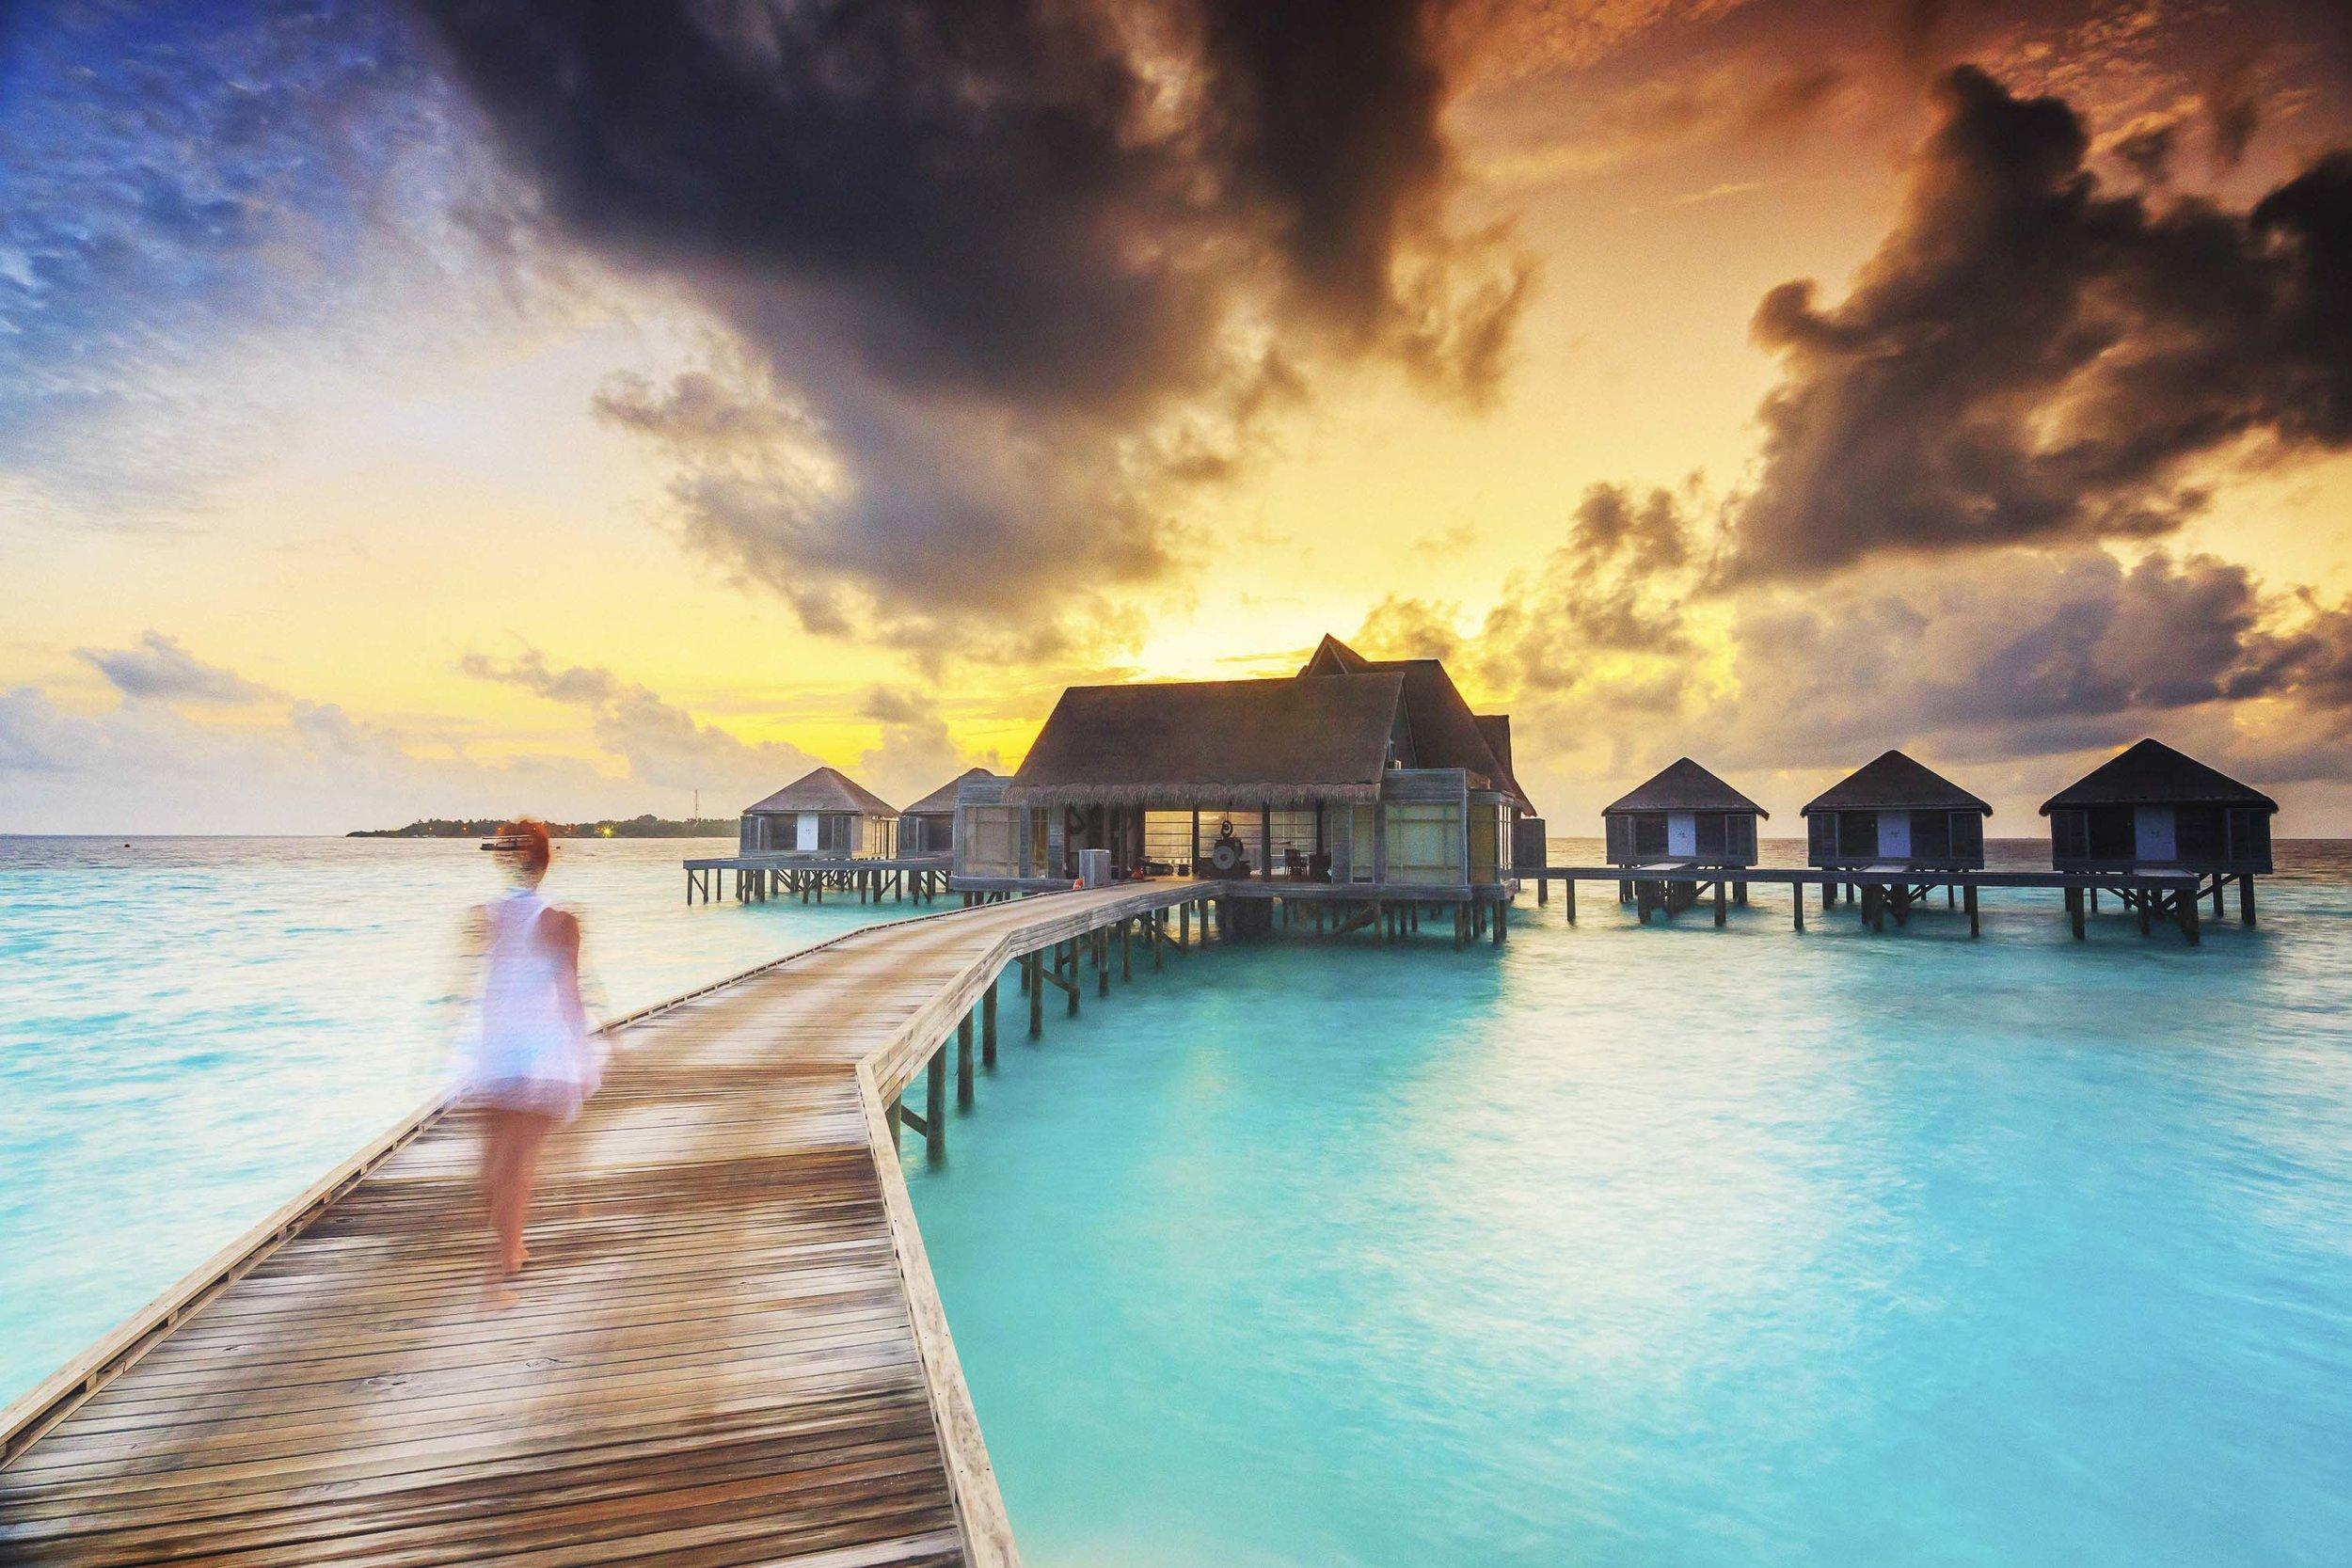 018 Kihavah Anantara Maldives.jpg